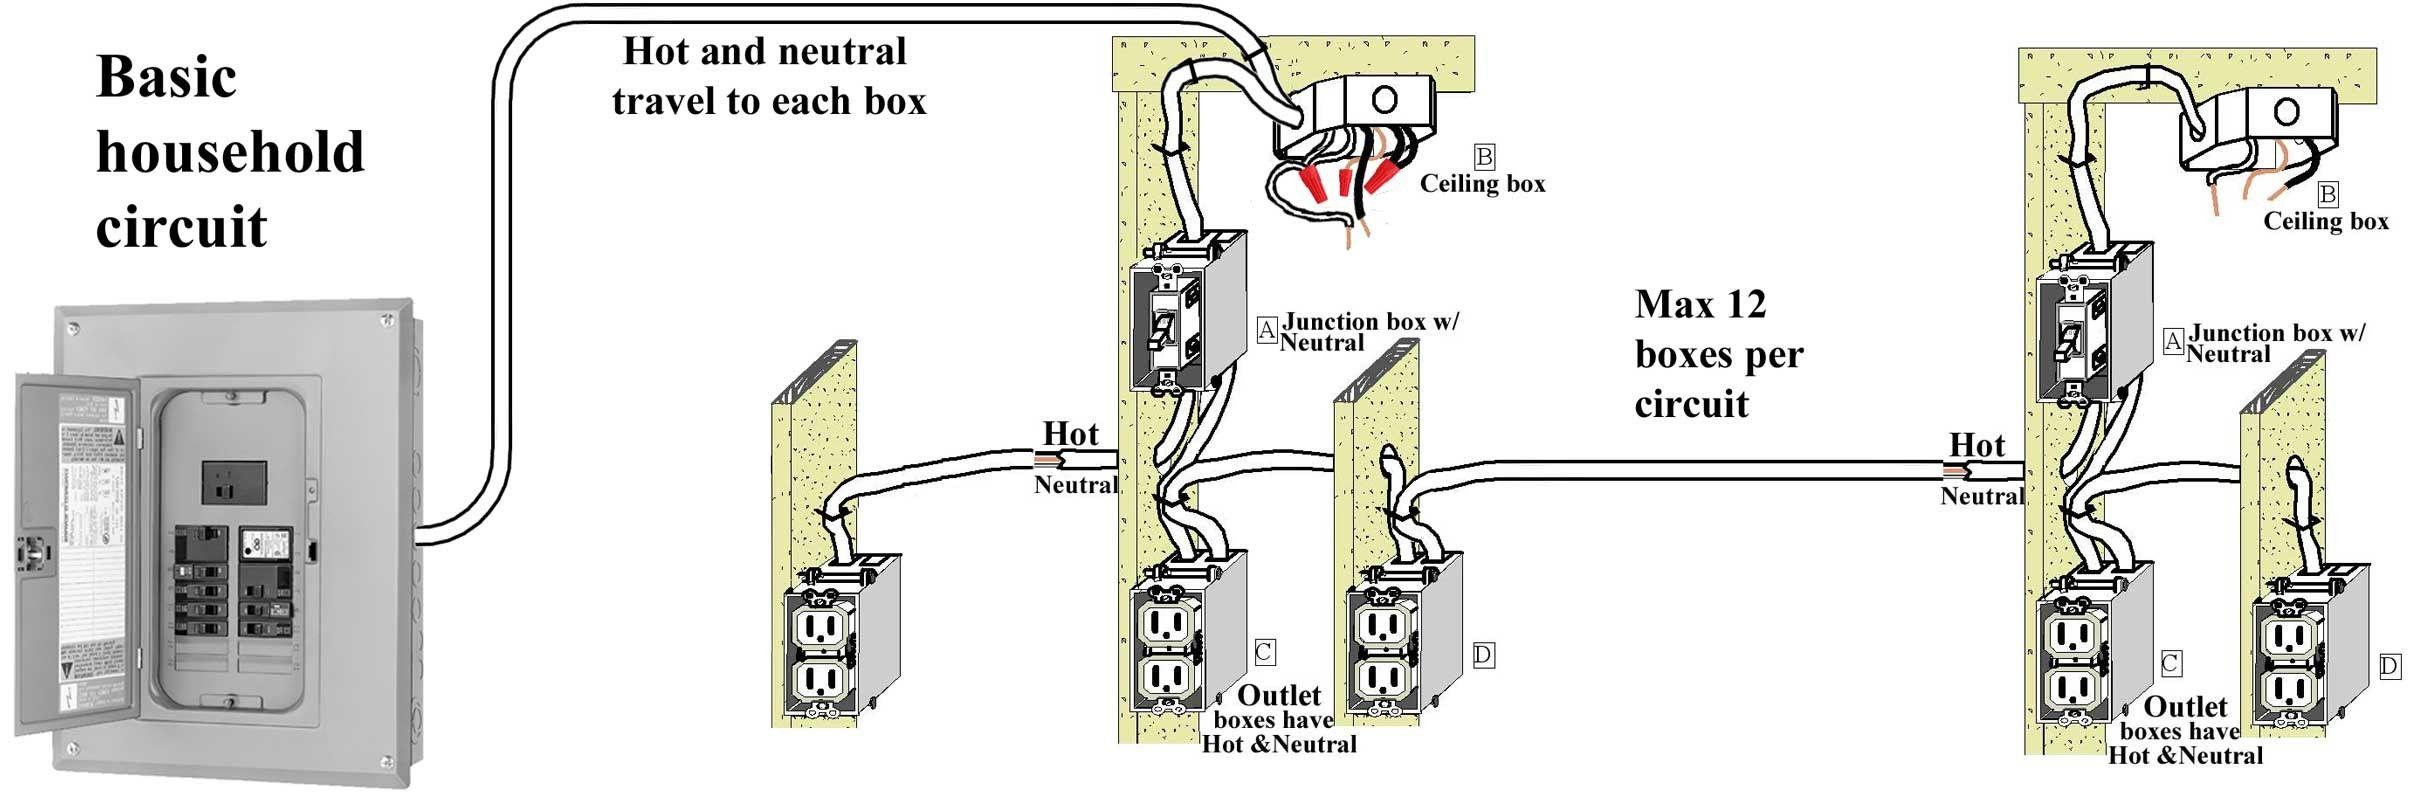 Diagram Diagramsample Diagramtemplate Wiringdiagram Diagramchart Worksheet Electrical Circuit Diagram Basic Electrical Wiring Electrical Wiring Diagram